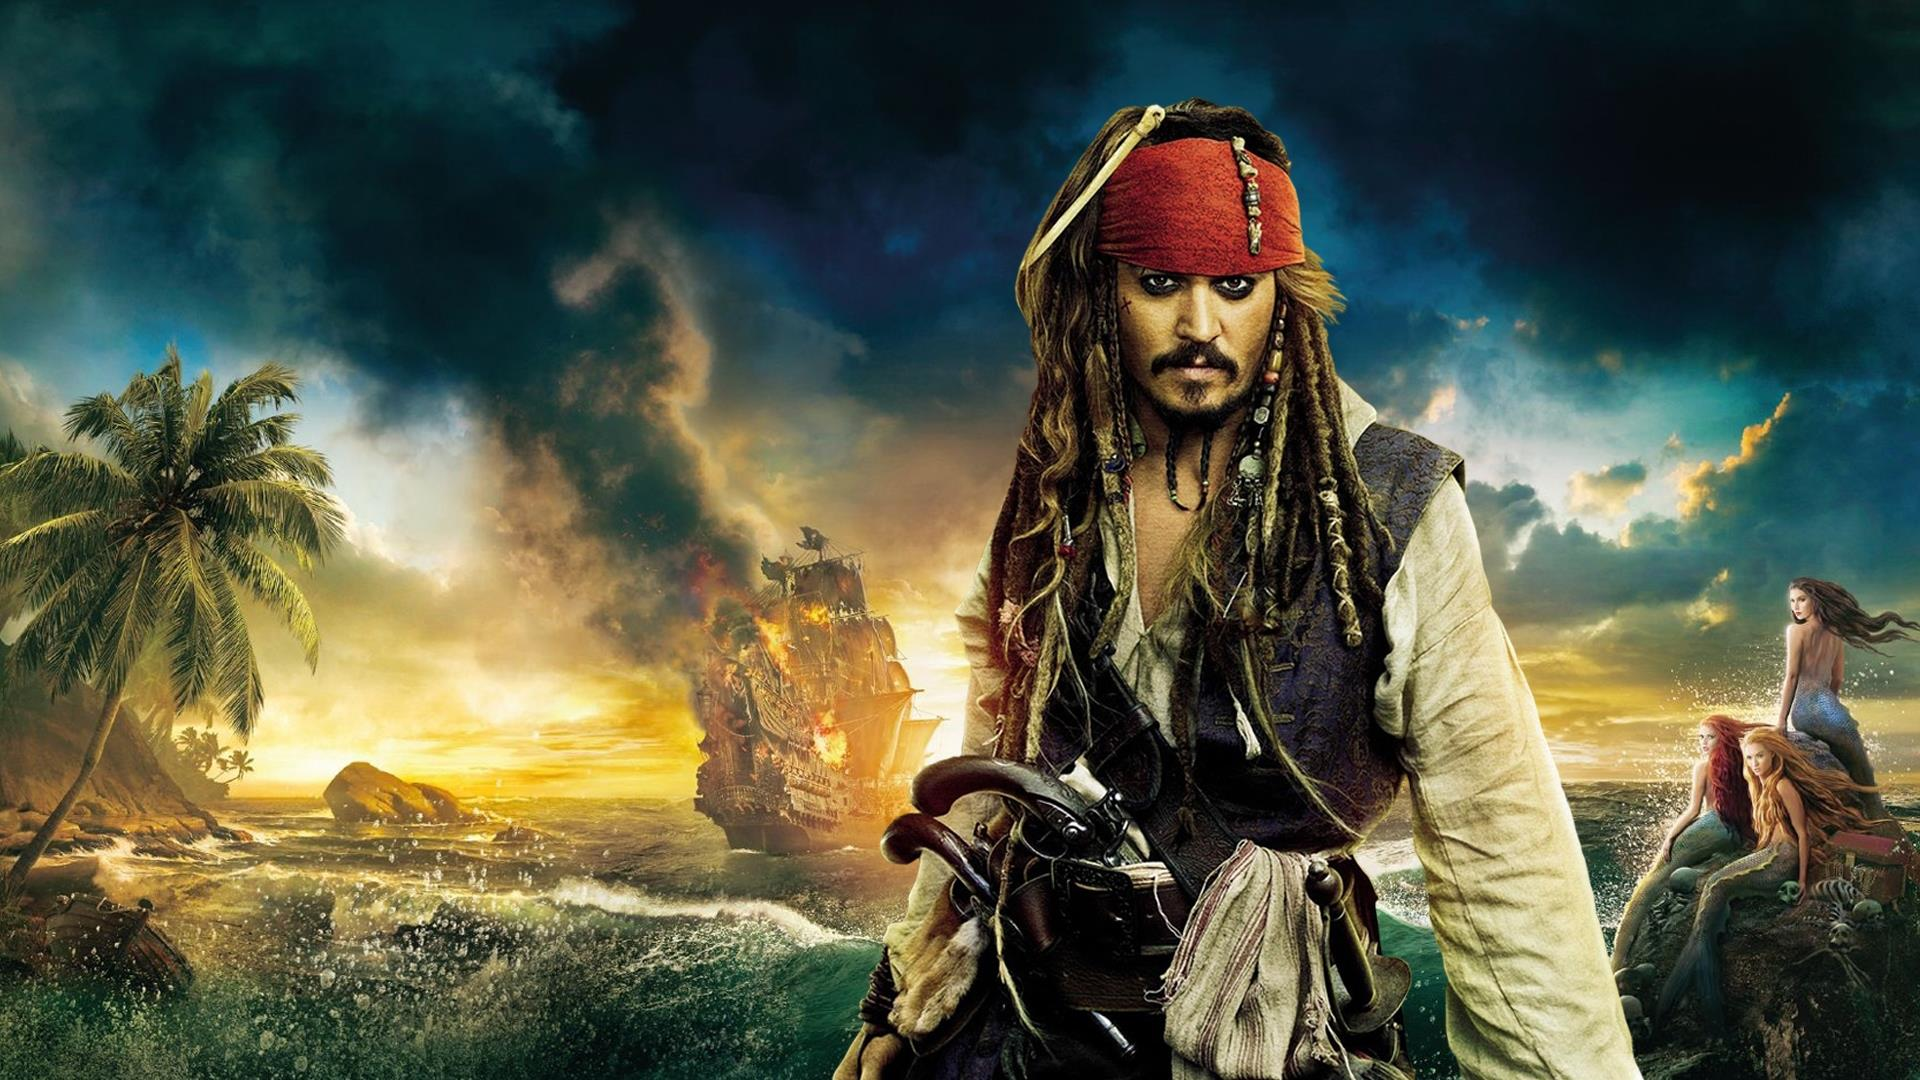 пираты карибского моря фото героев интернете новую